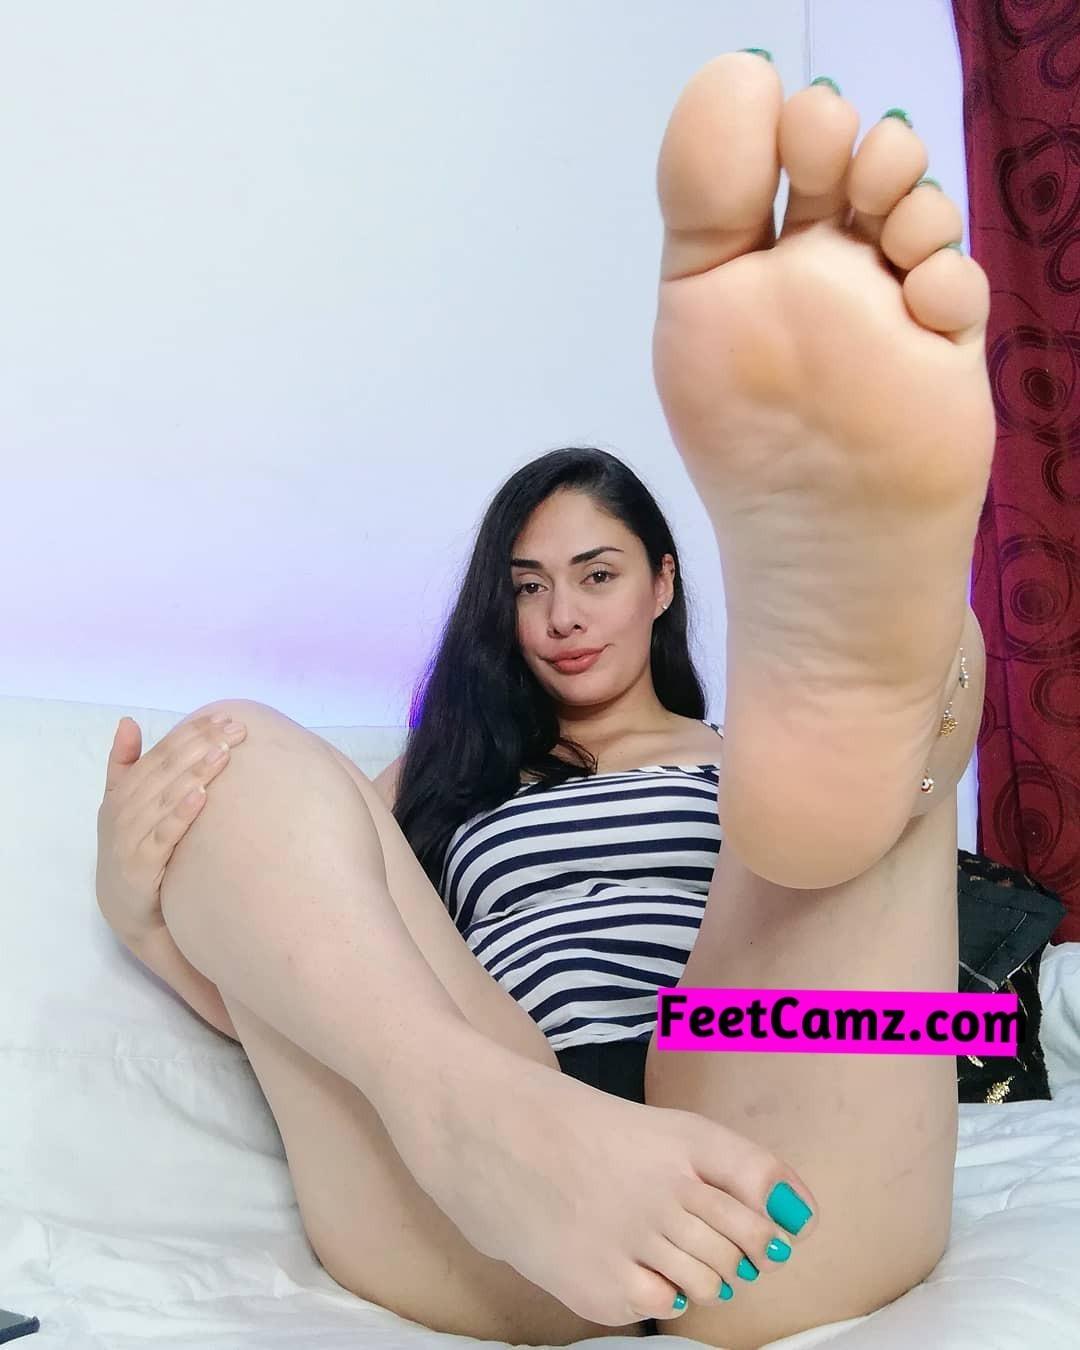 Sexy Latina Dildo Webcam